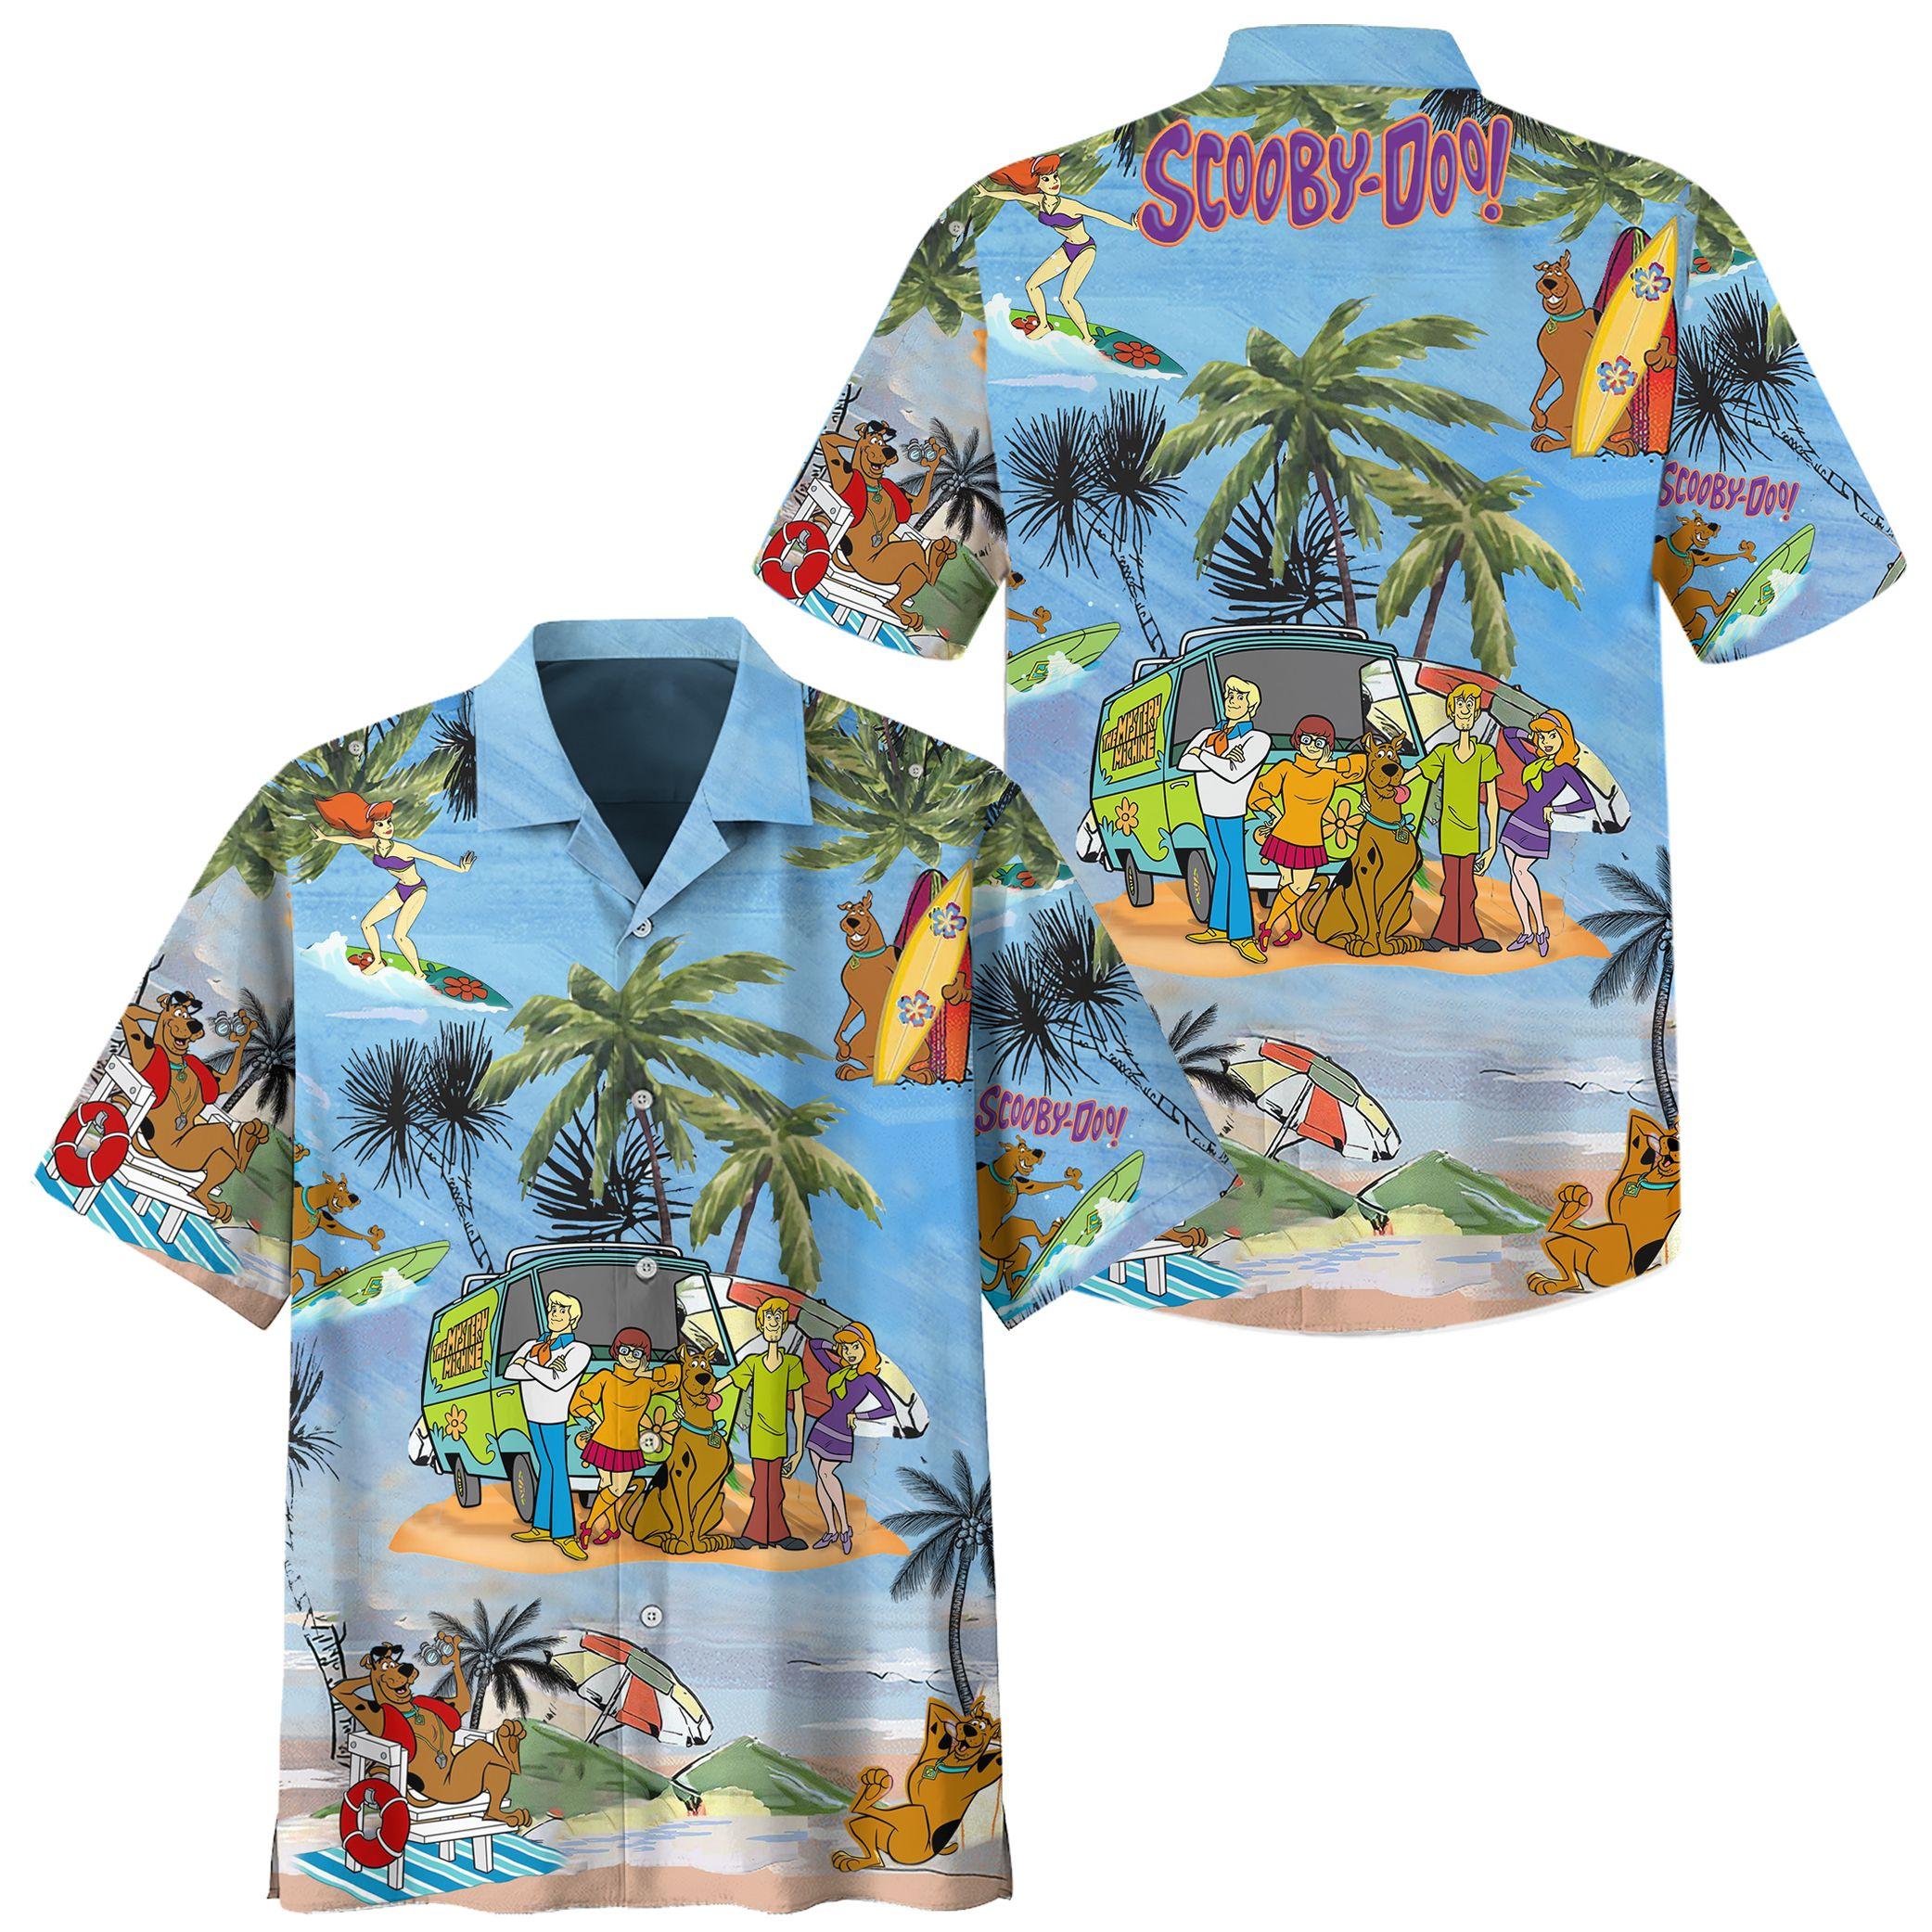 Scooby Doo Summer Beach HAWAIIAN SHIRT